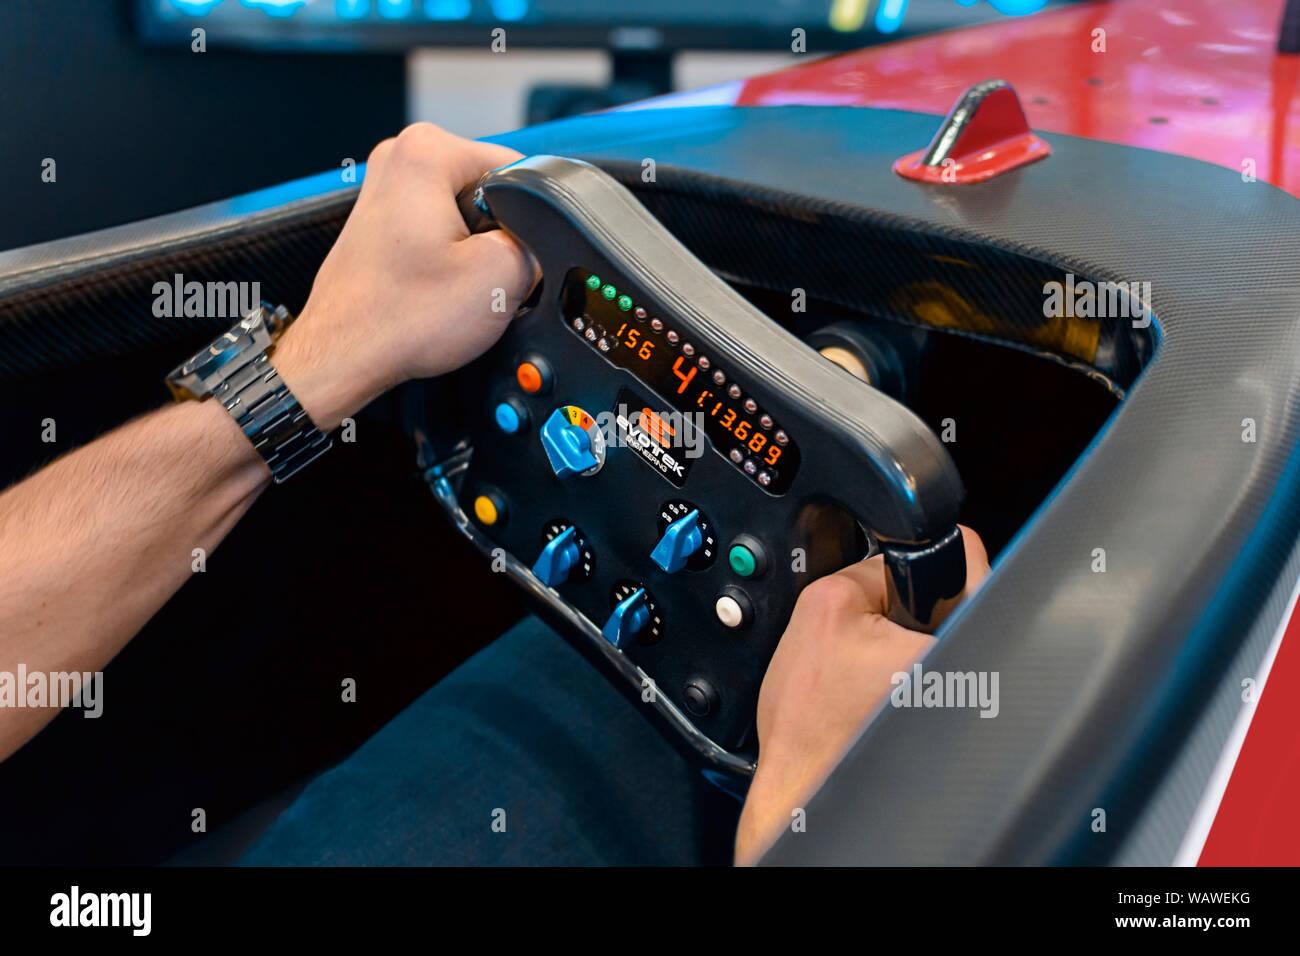 Racing Race Car Simulator Stock Photos & Racing Race Car